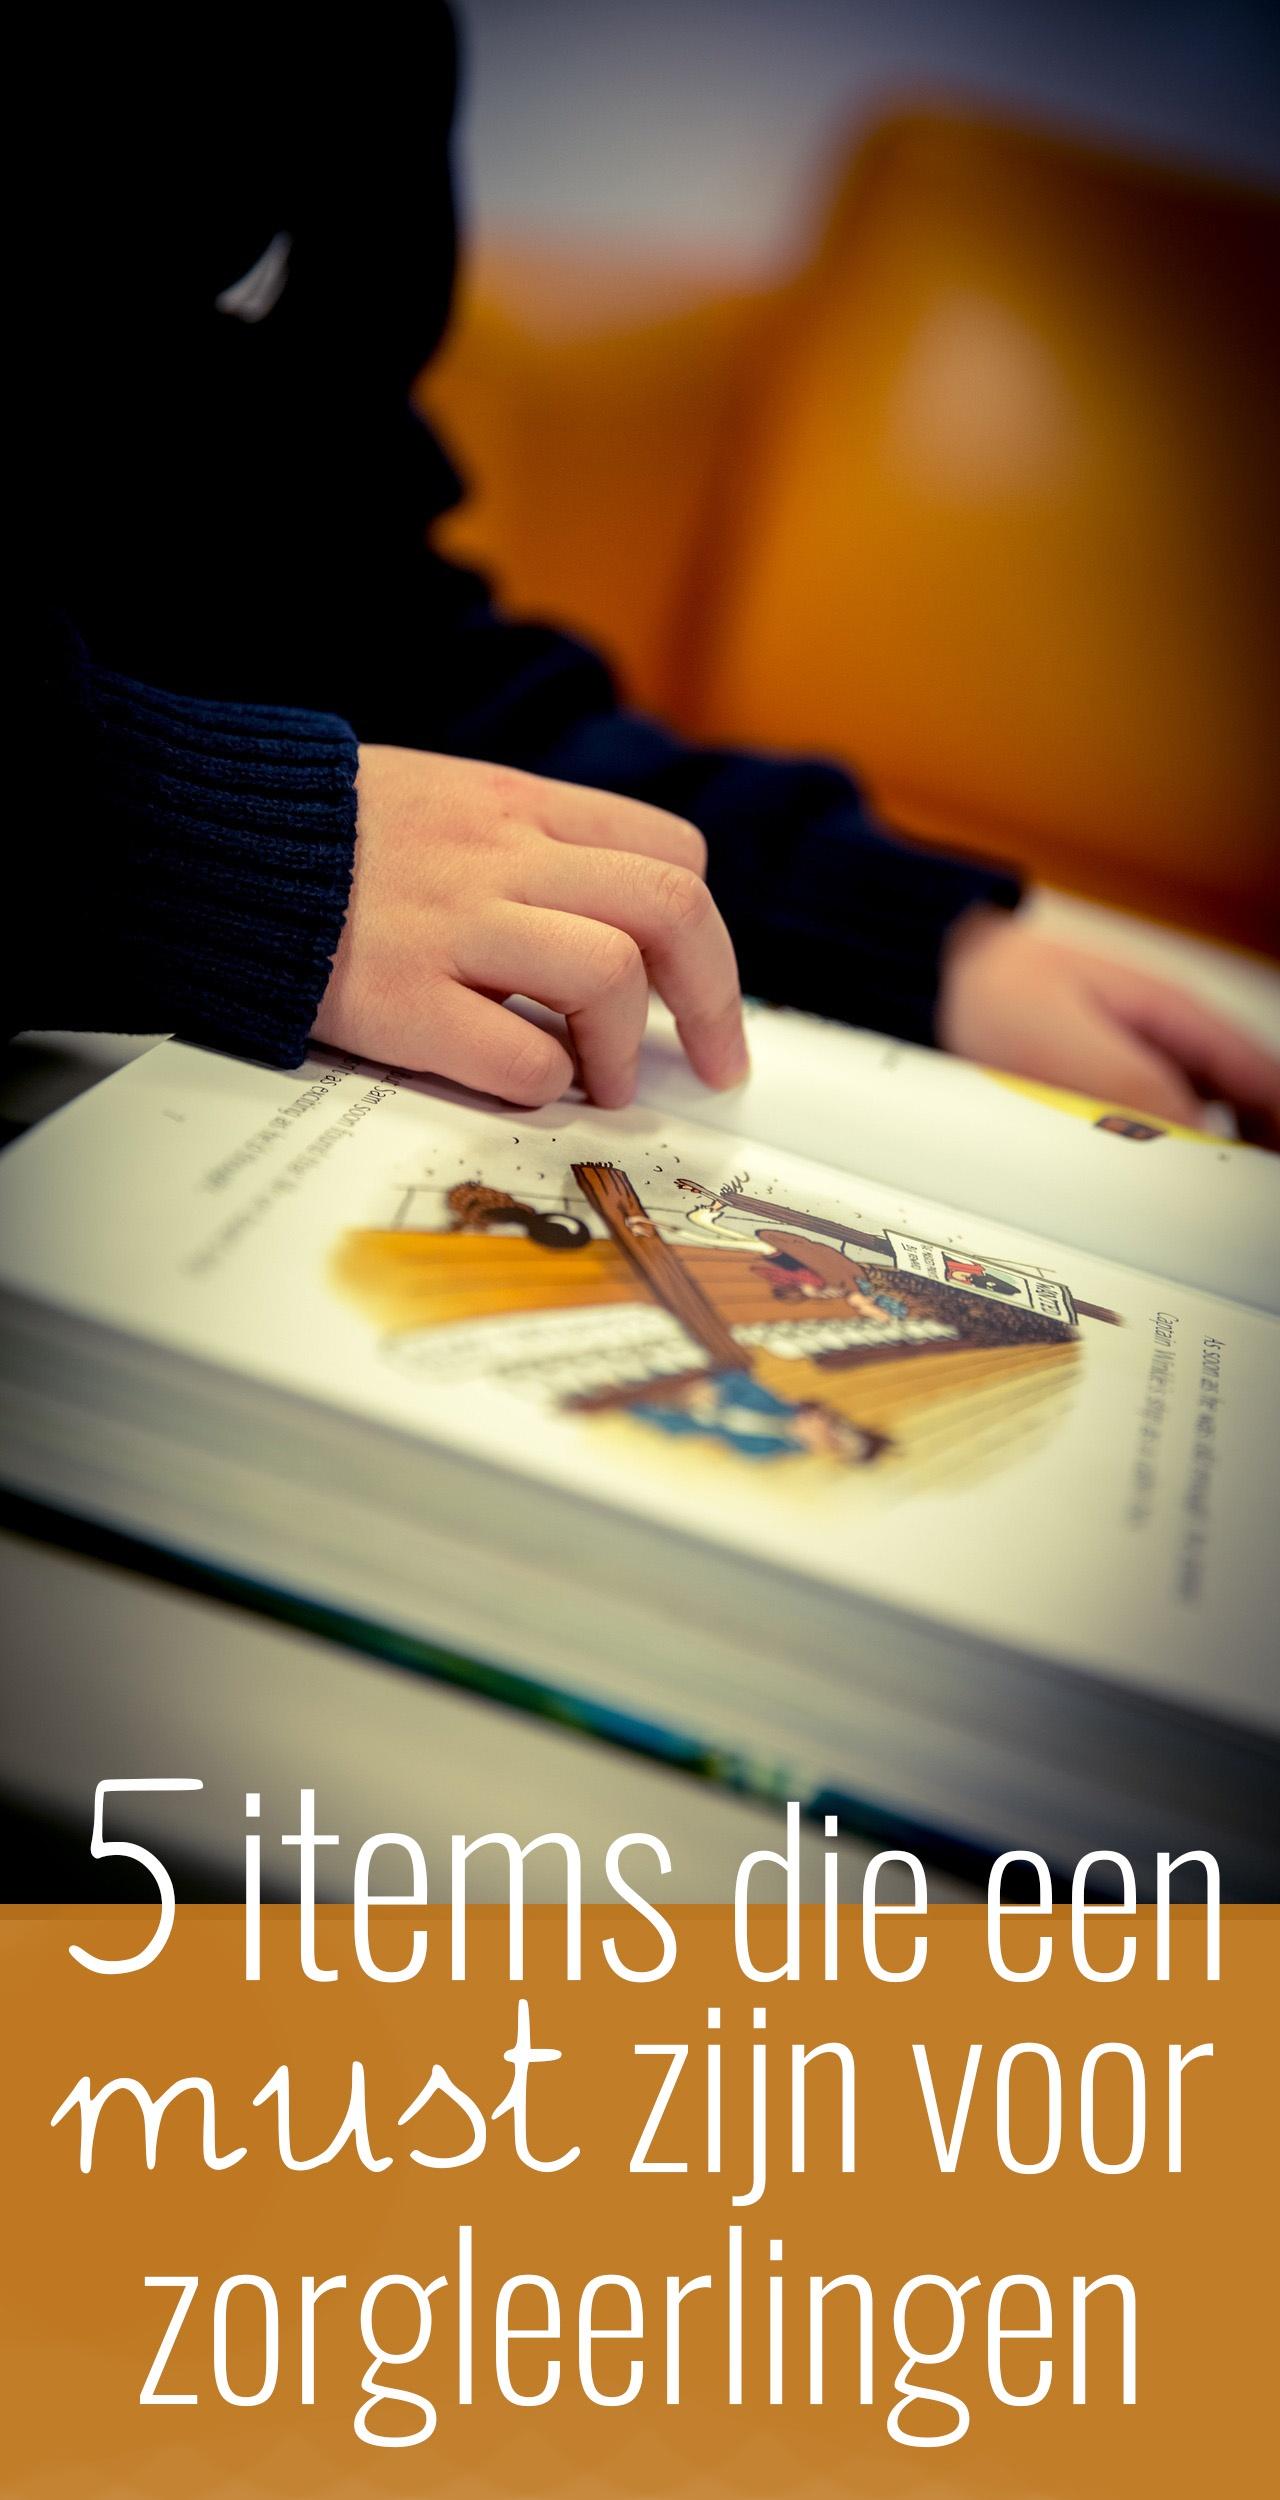 Er zijn ontzettend handige hulpmiddelen om het leren voor zorgleerlingen makkelijker en overzichtelijker te maken. In dit artikel wil ik je 5 tips geven.